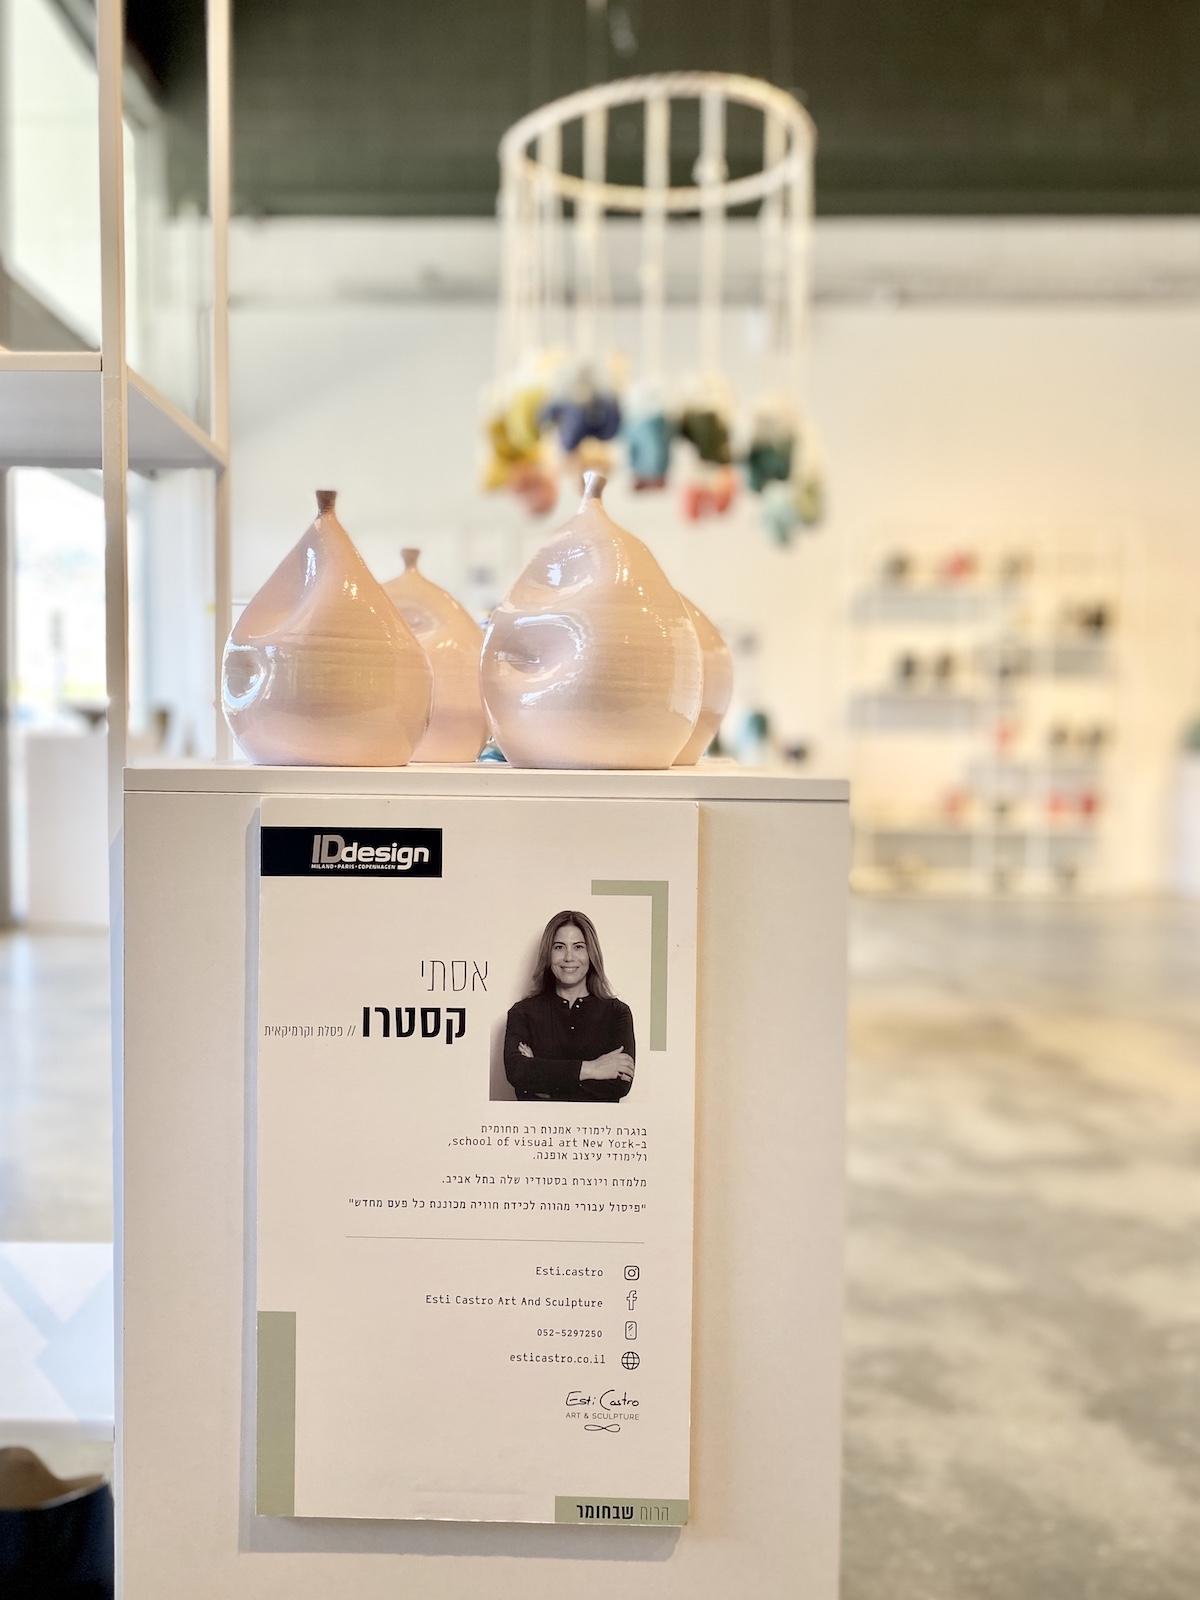 תערוכת אמנות ישראלית איידי דיזיין חיפה שירי ויצנר בלוג חיפאית 19